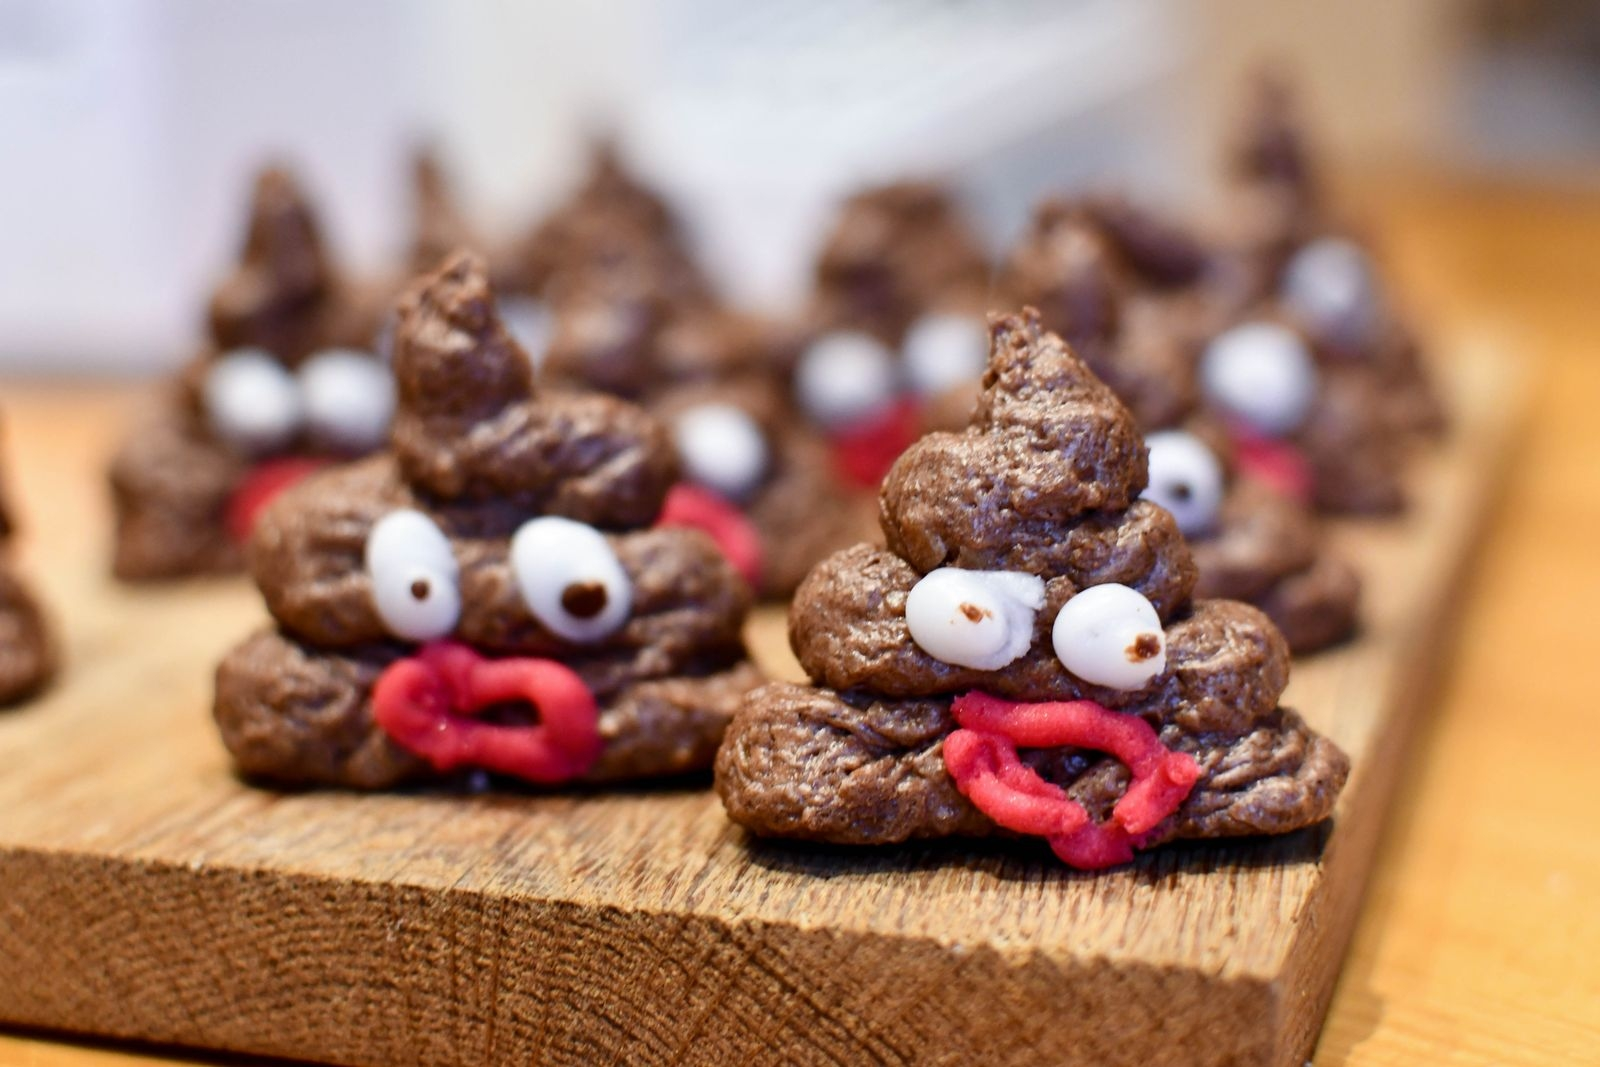 Det var efter önskemål av Tinas sexåriga dotter som de första bajskorvarna av chokladbullsmet kom till.